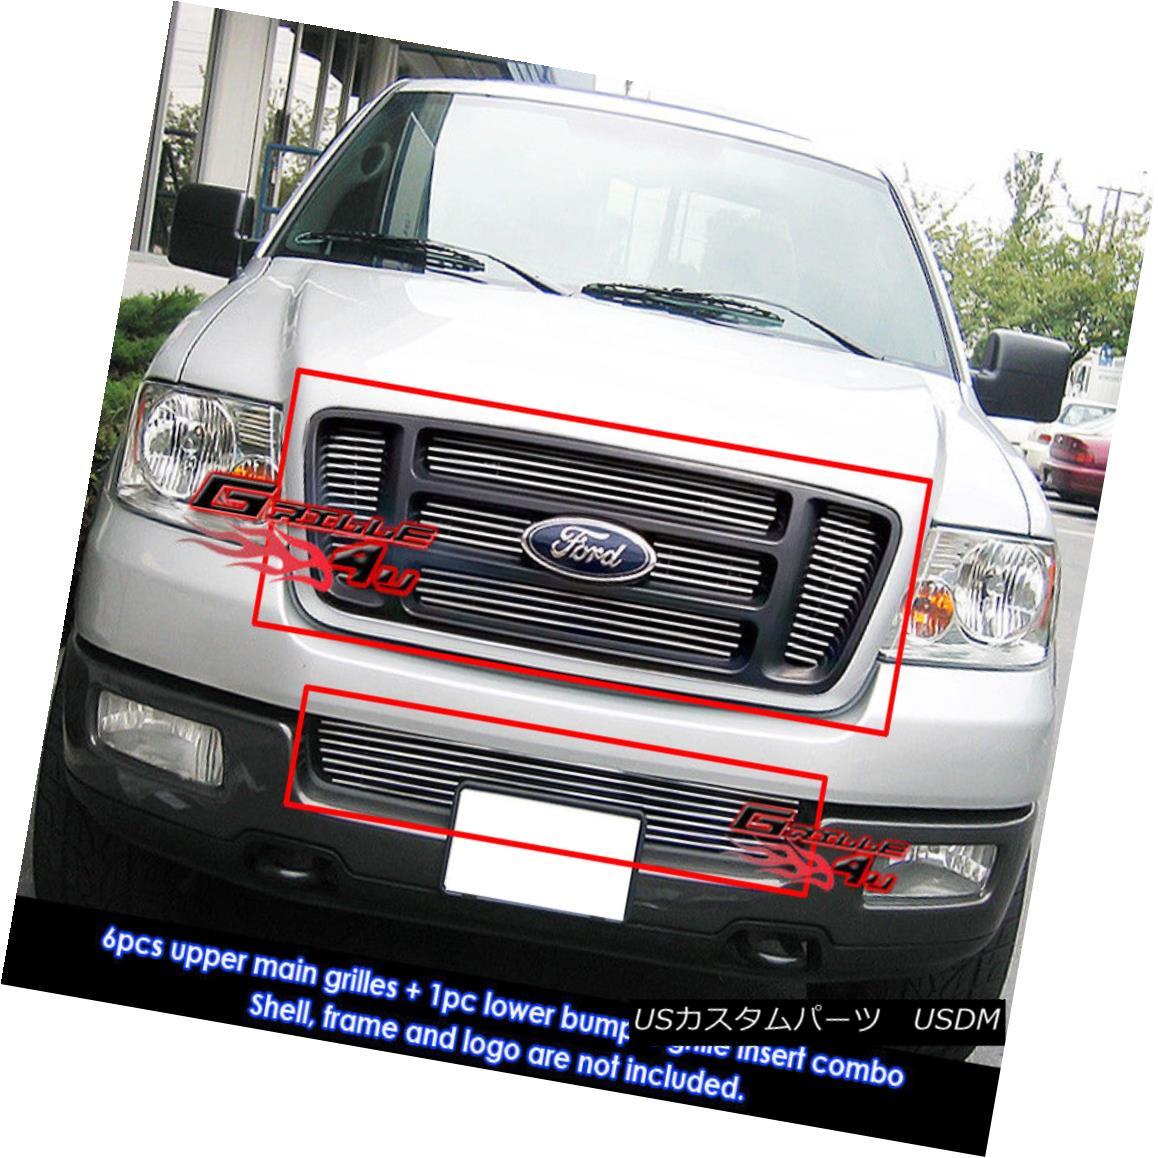 グリル Fits 2006-2008 Ford F-150 Bar Style Billet Grille Combo Insert フィット2006-2008 Ford F-150バースタイルビレットグリルコンボインサート